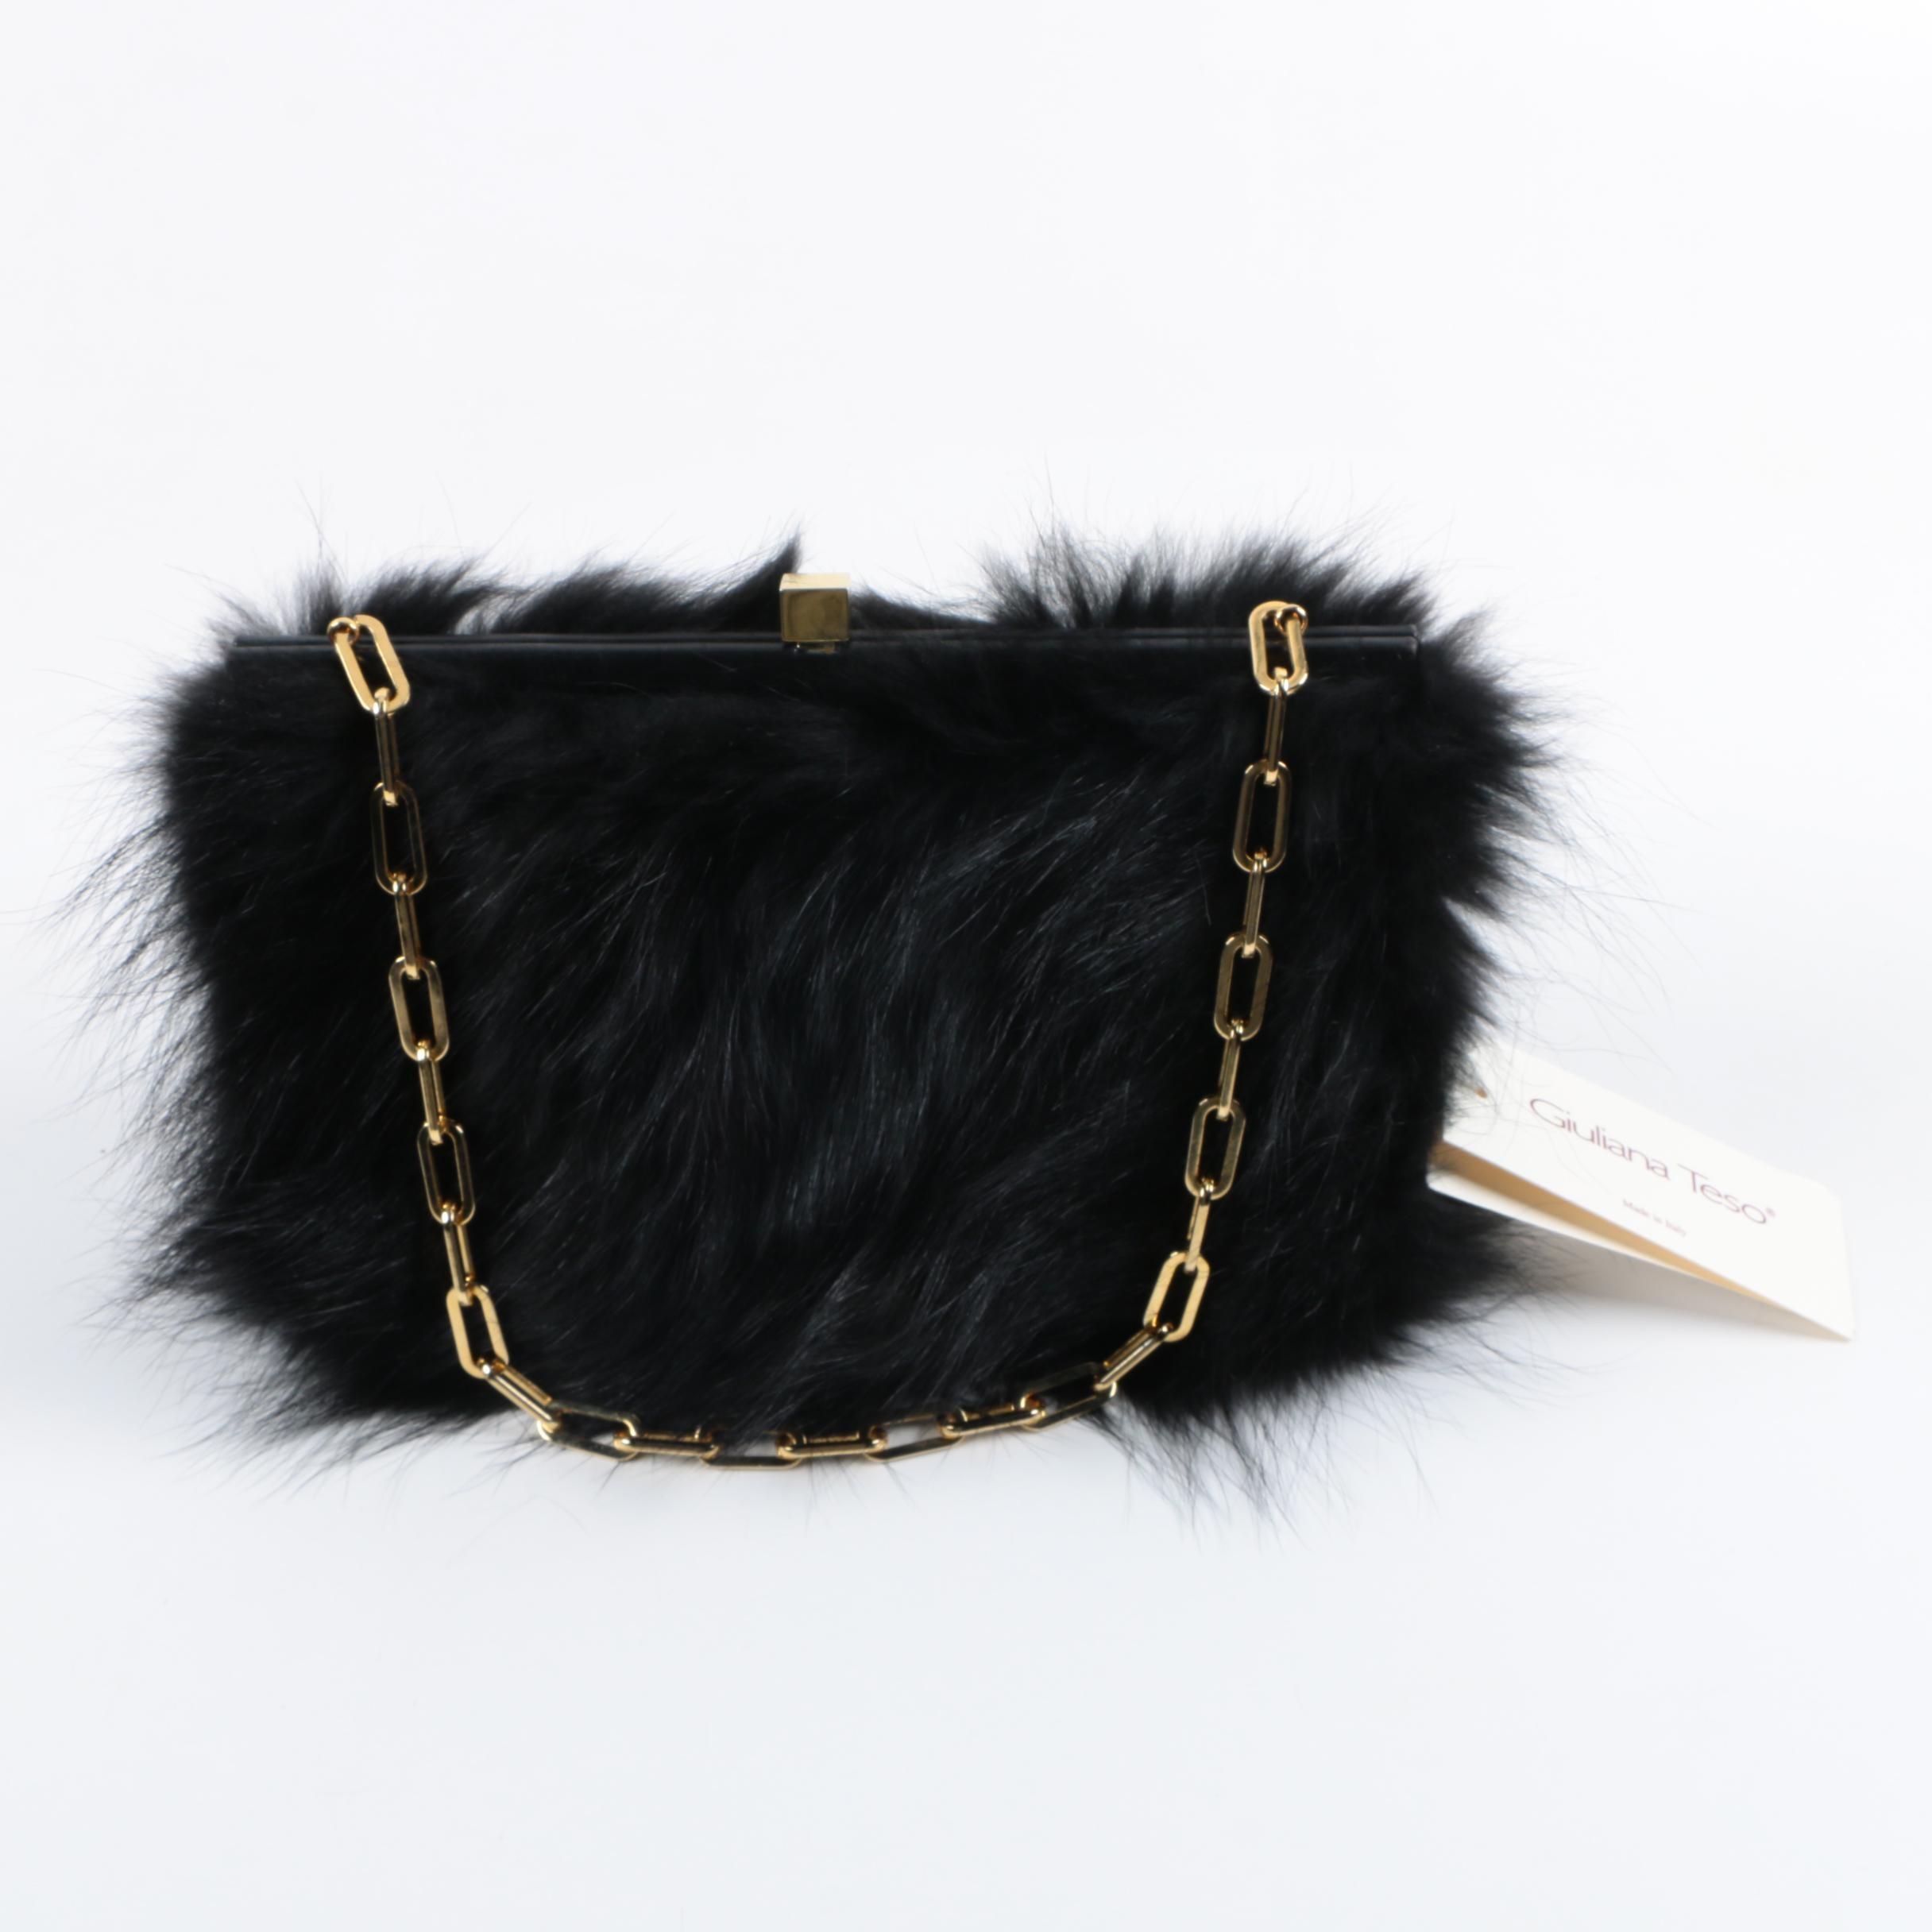 Giuliana Teso for Neiman Marcus Raccoon Fur Handbag